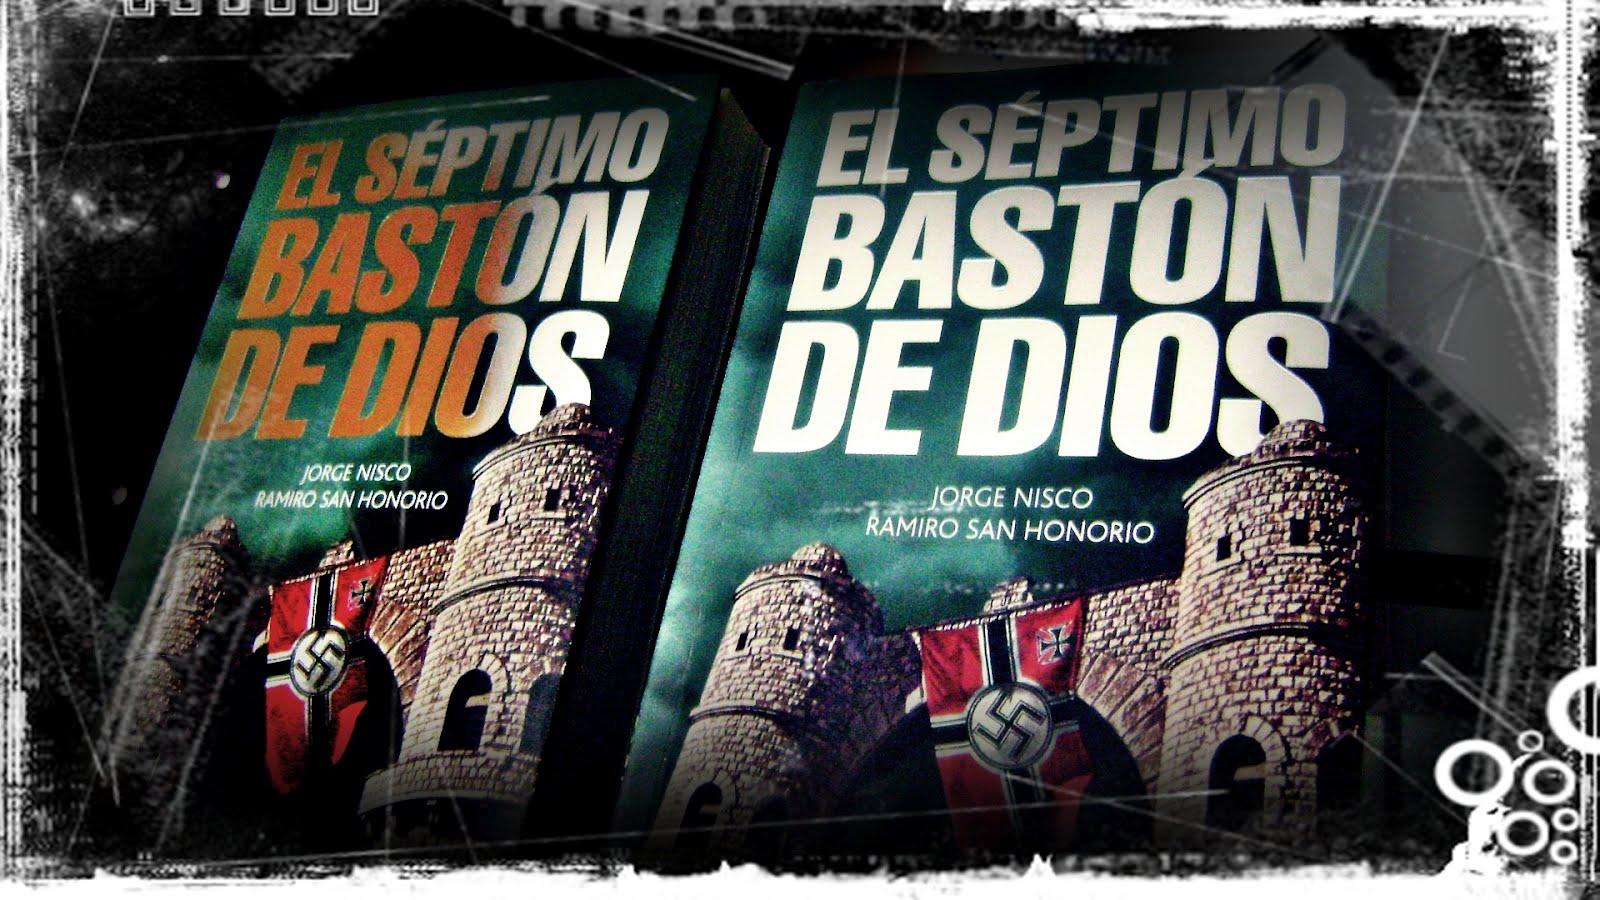 EL SÉPTIMO BASTÓN DE DIOS